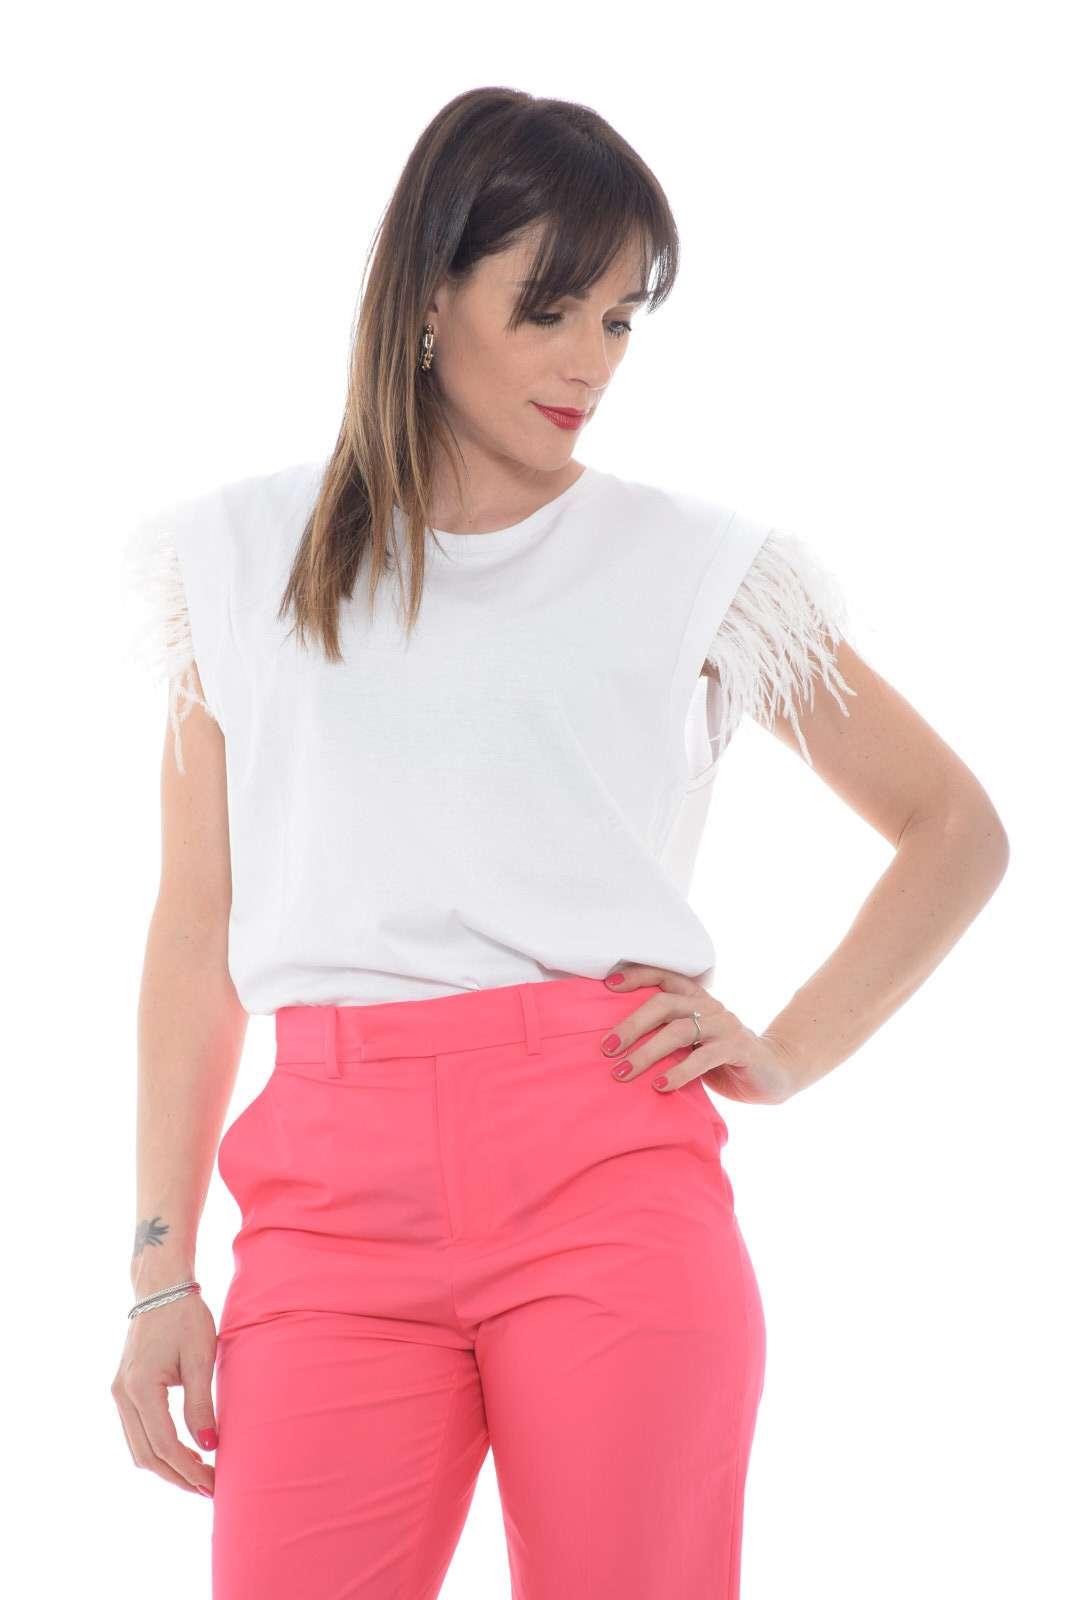 Una blusa dall'effetto T shirt la proposta della new collection Twinset Milano. Uno stile minimal impreziosito dalle piume alle maniche per un risultato glamour e dal grande fascino. Con un pantalone a vita alta esalta la silhouettes per un risultato inconfondibile.